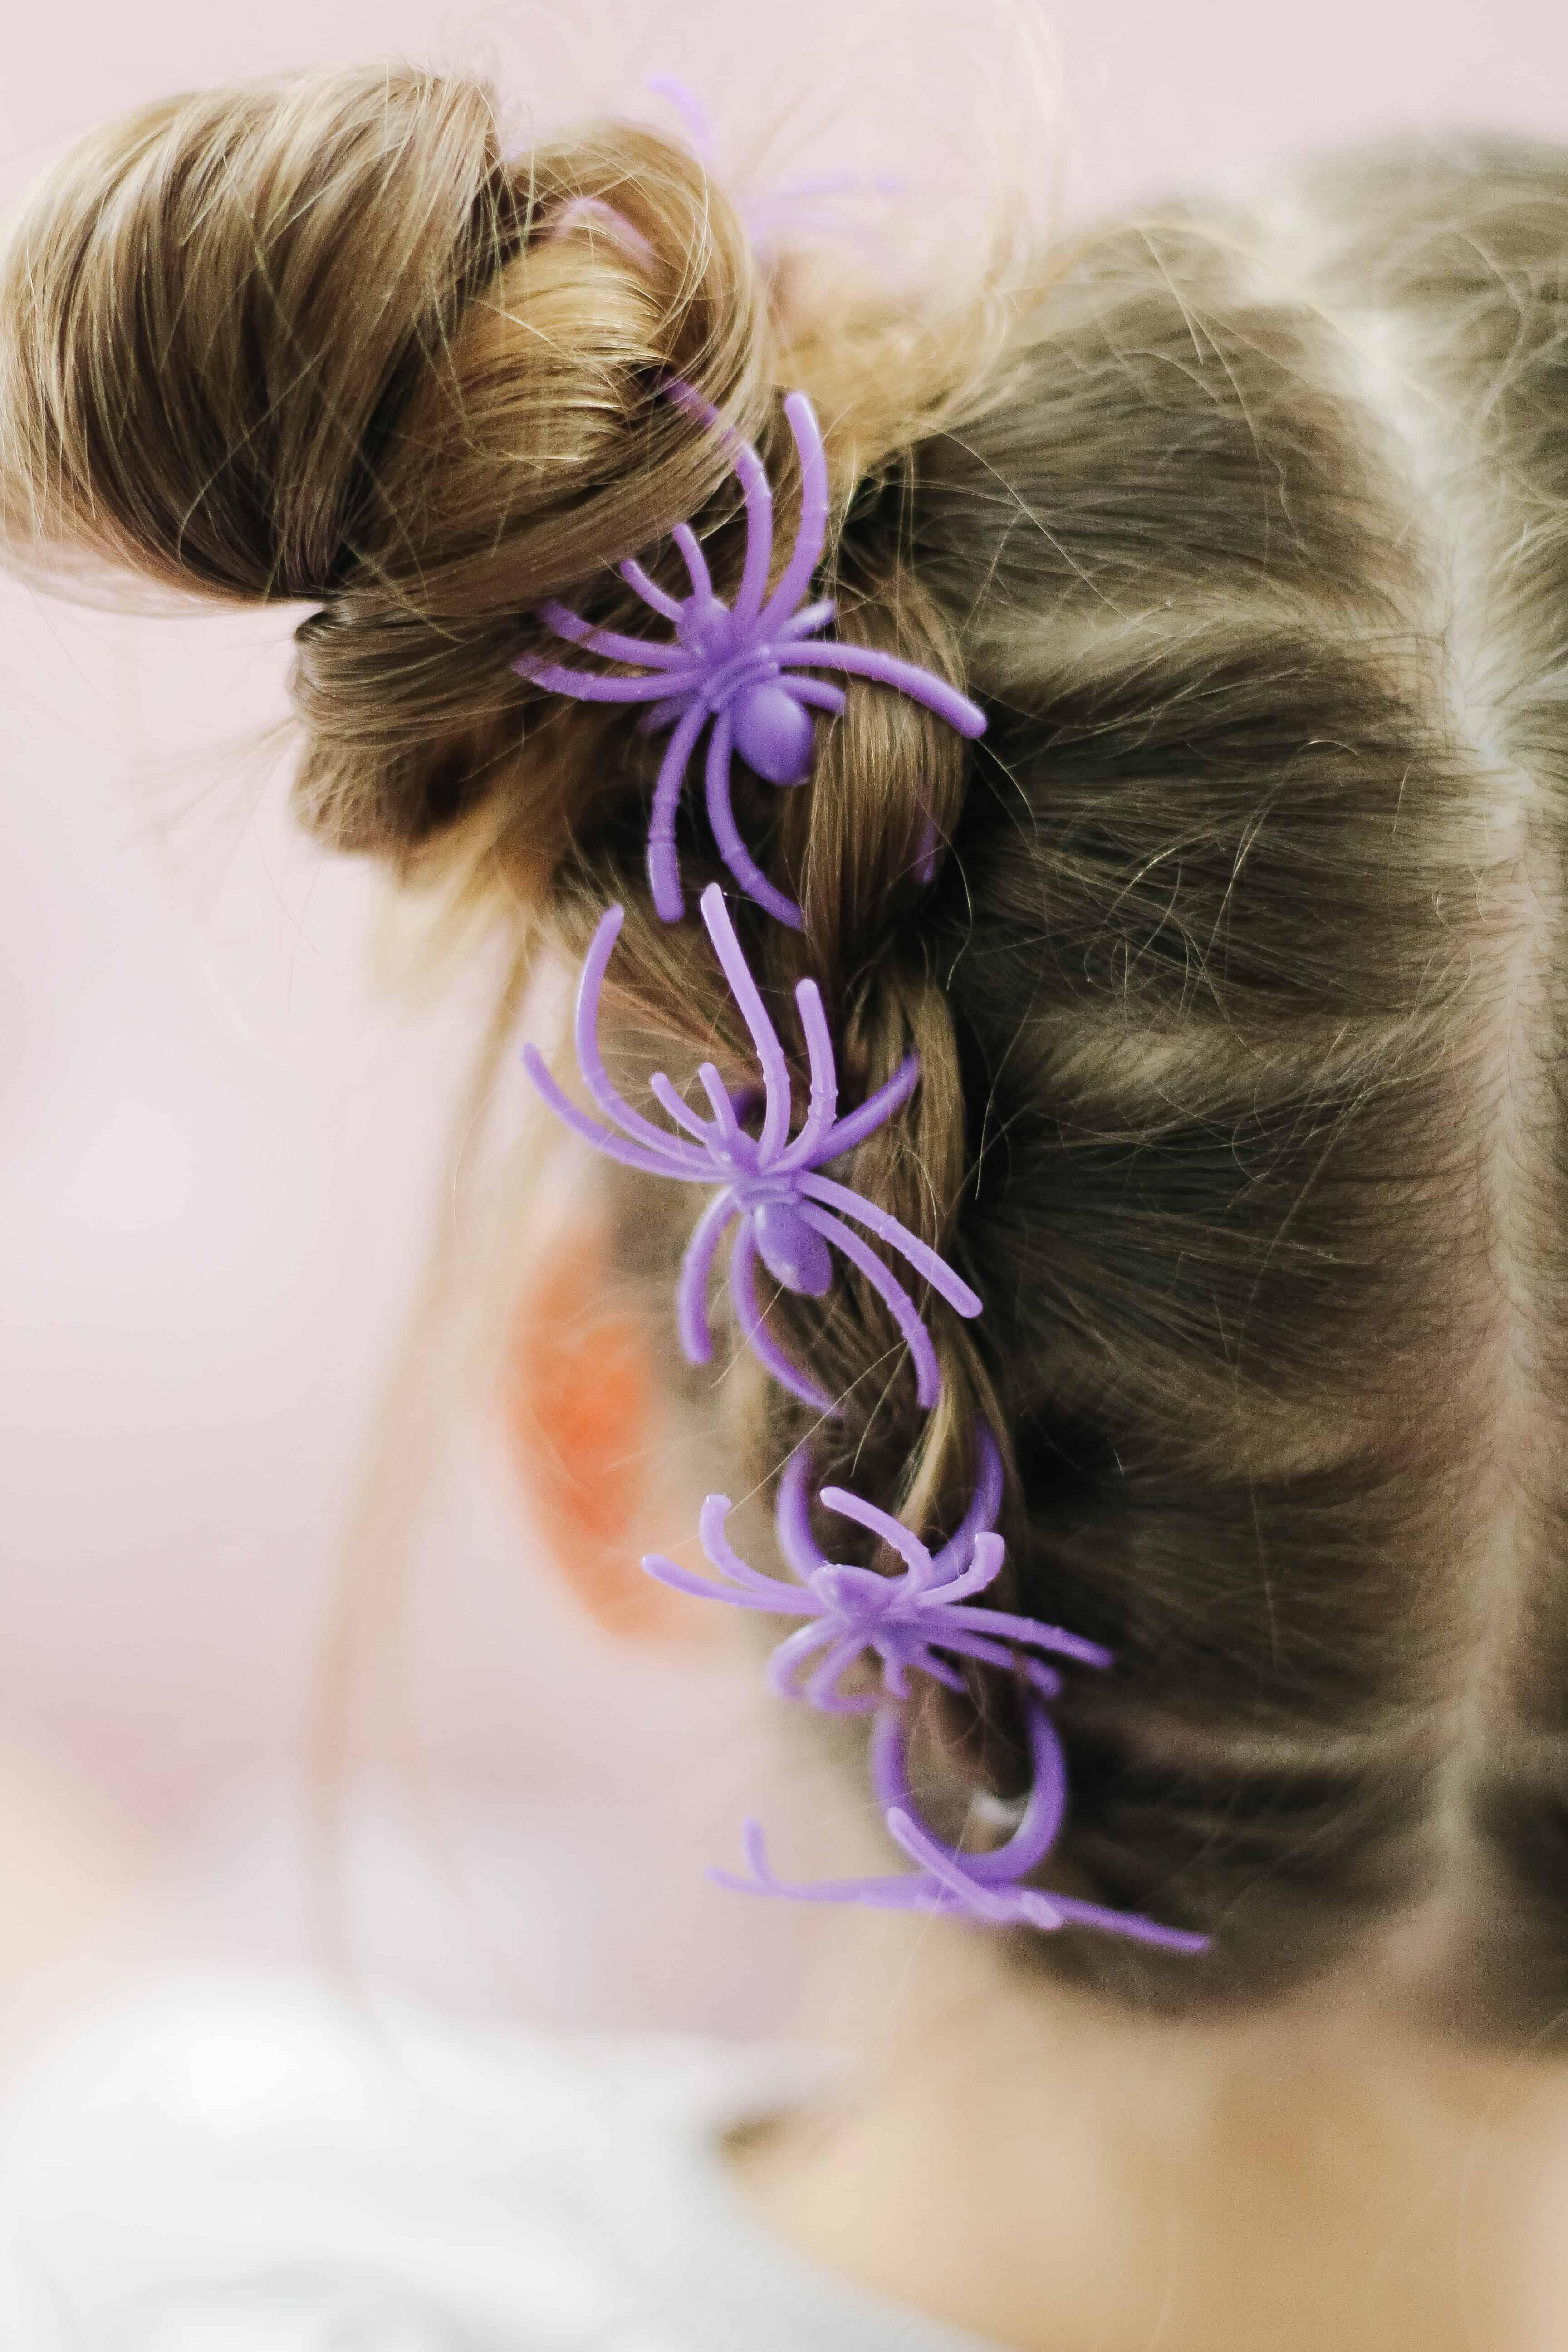 Halloween hair for toddler